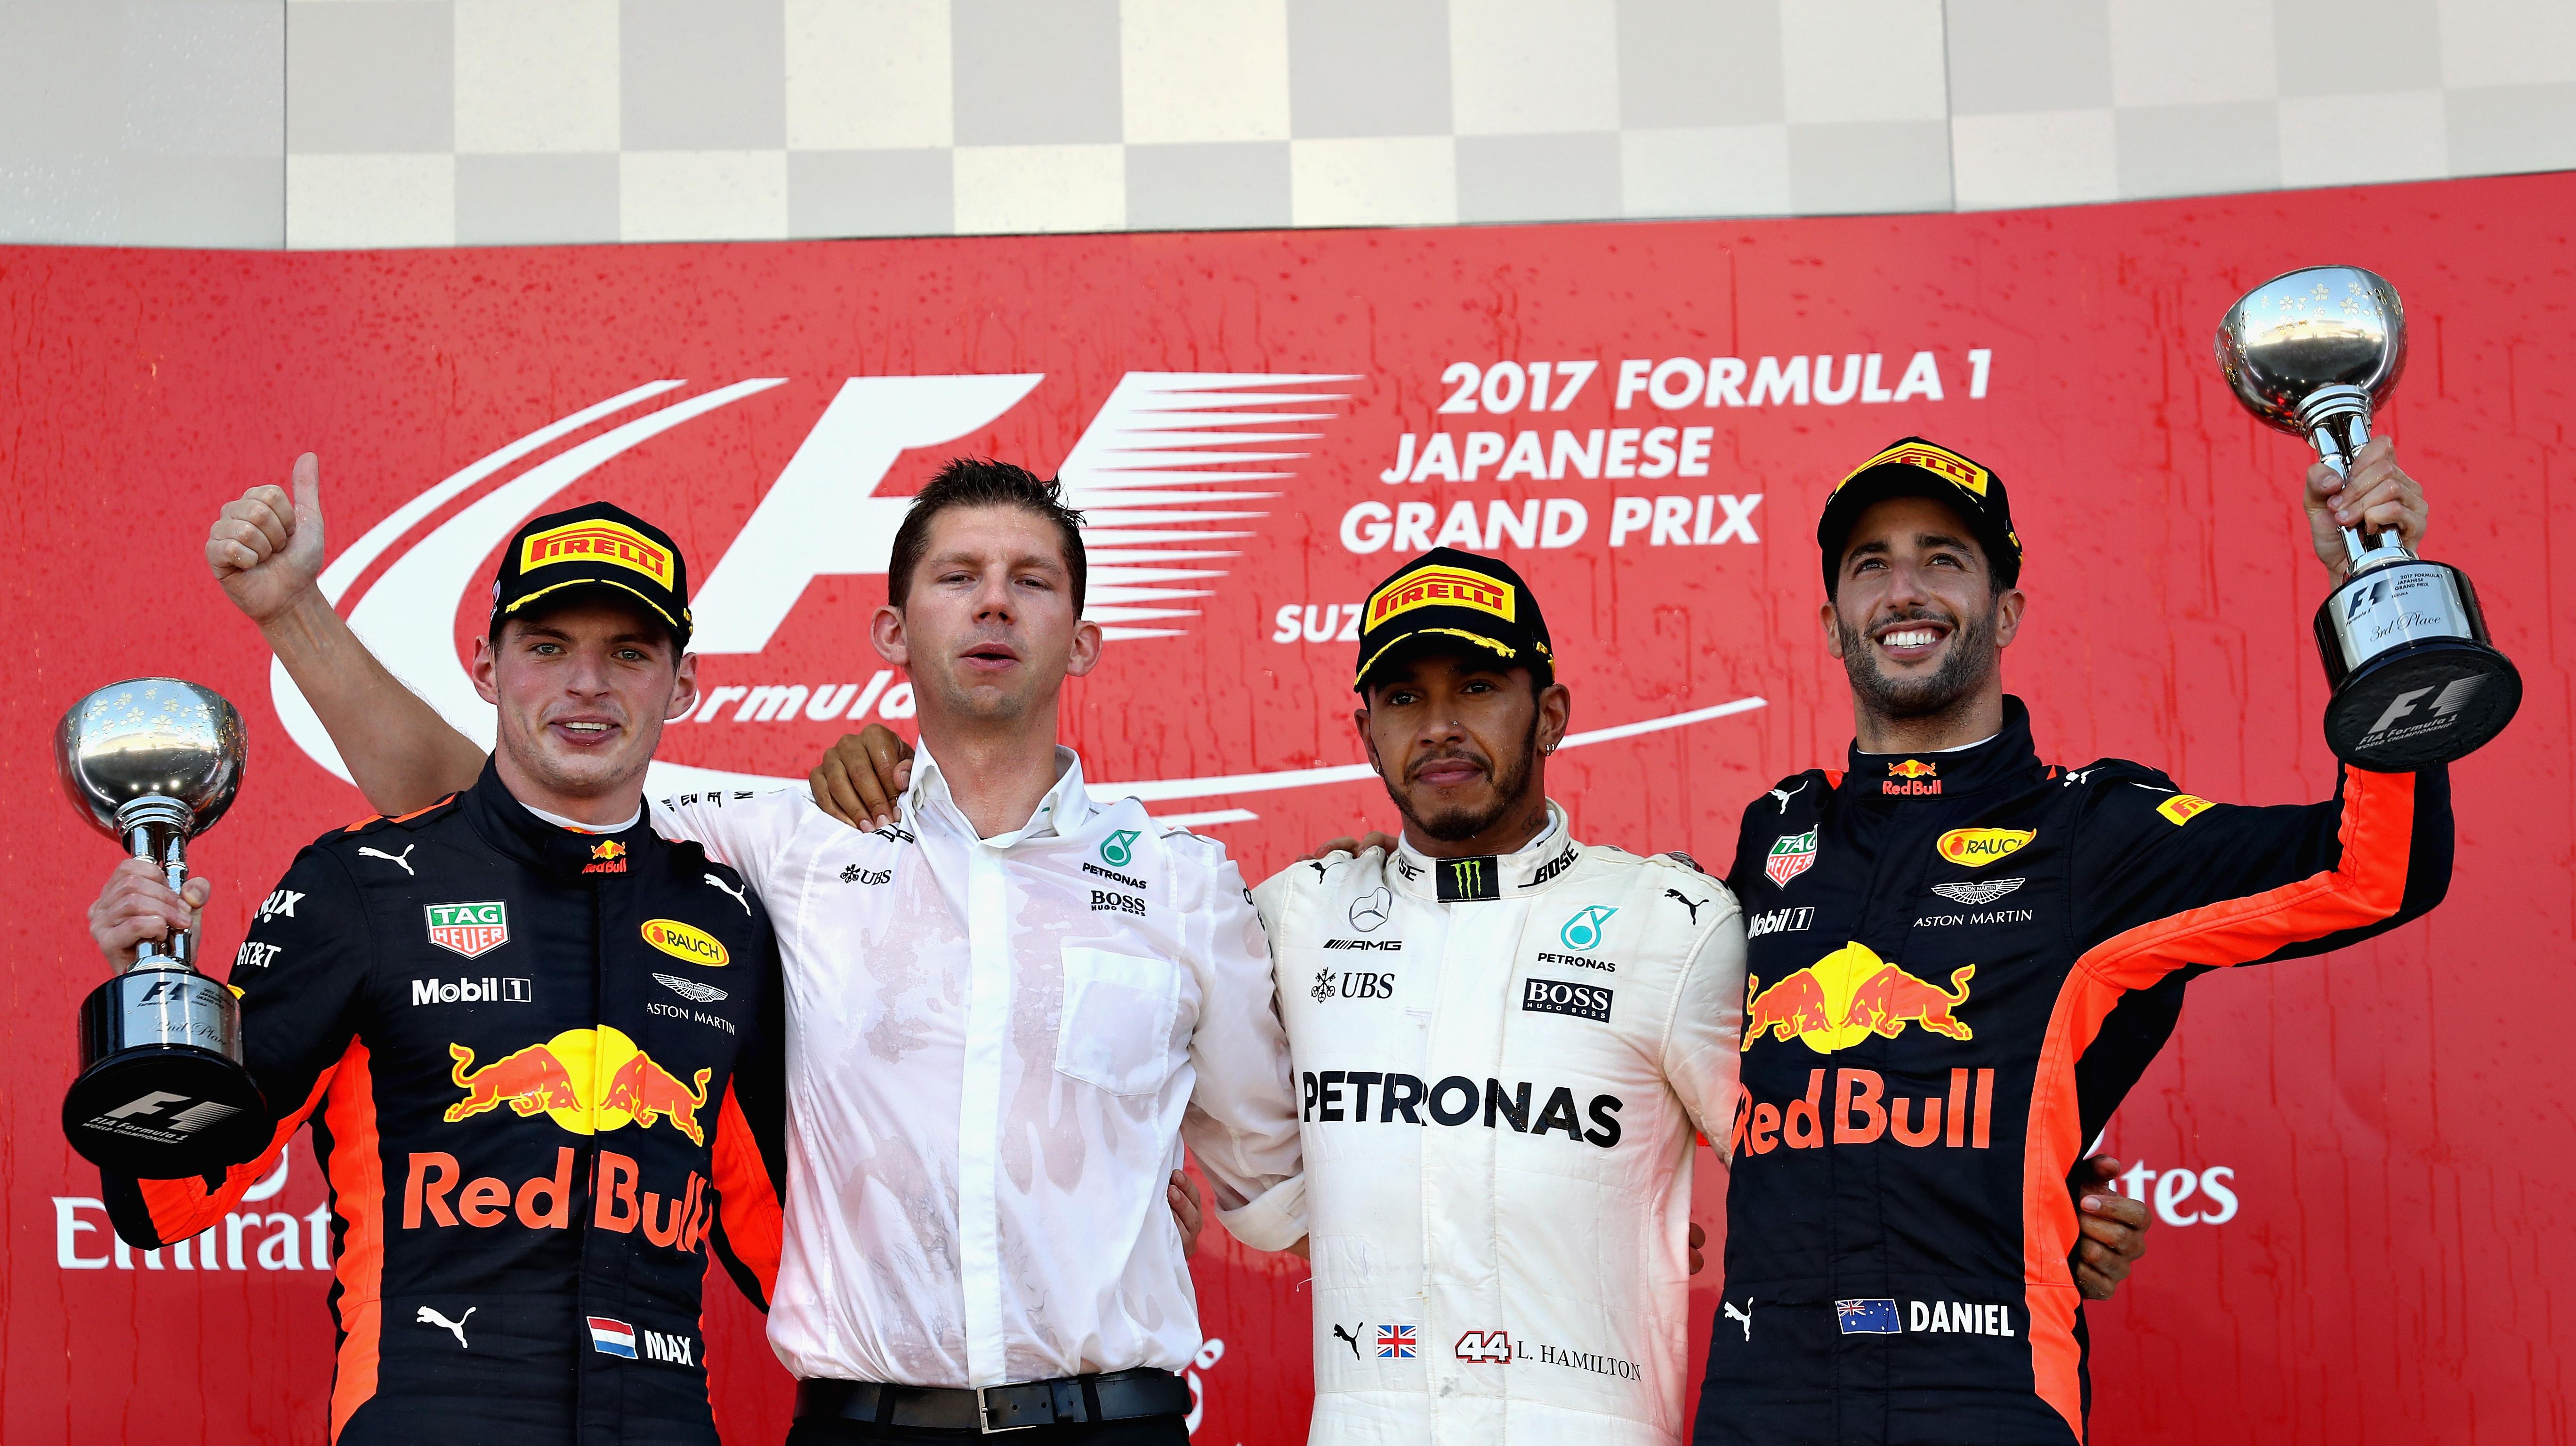 """Max Verstappen tweede in Japanse GP: """"Een geweldige dag!"""""""